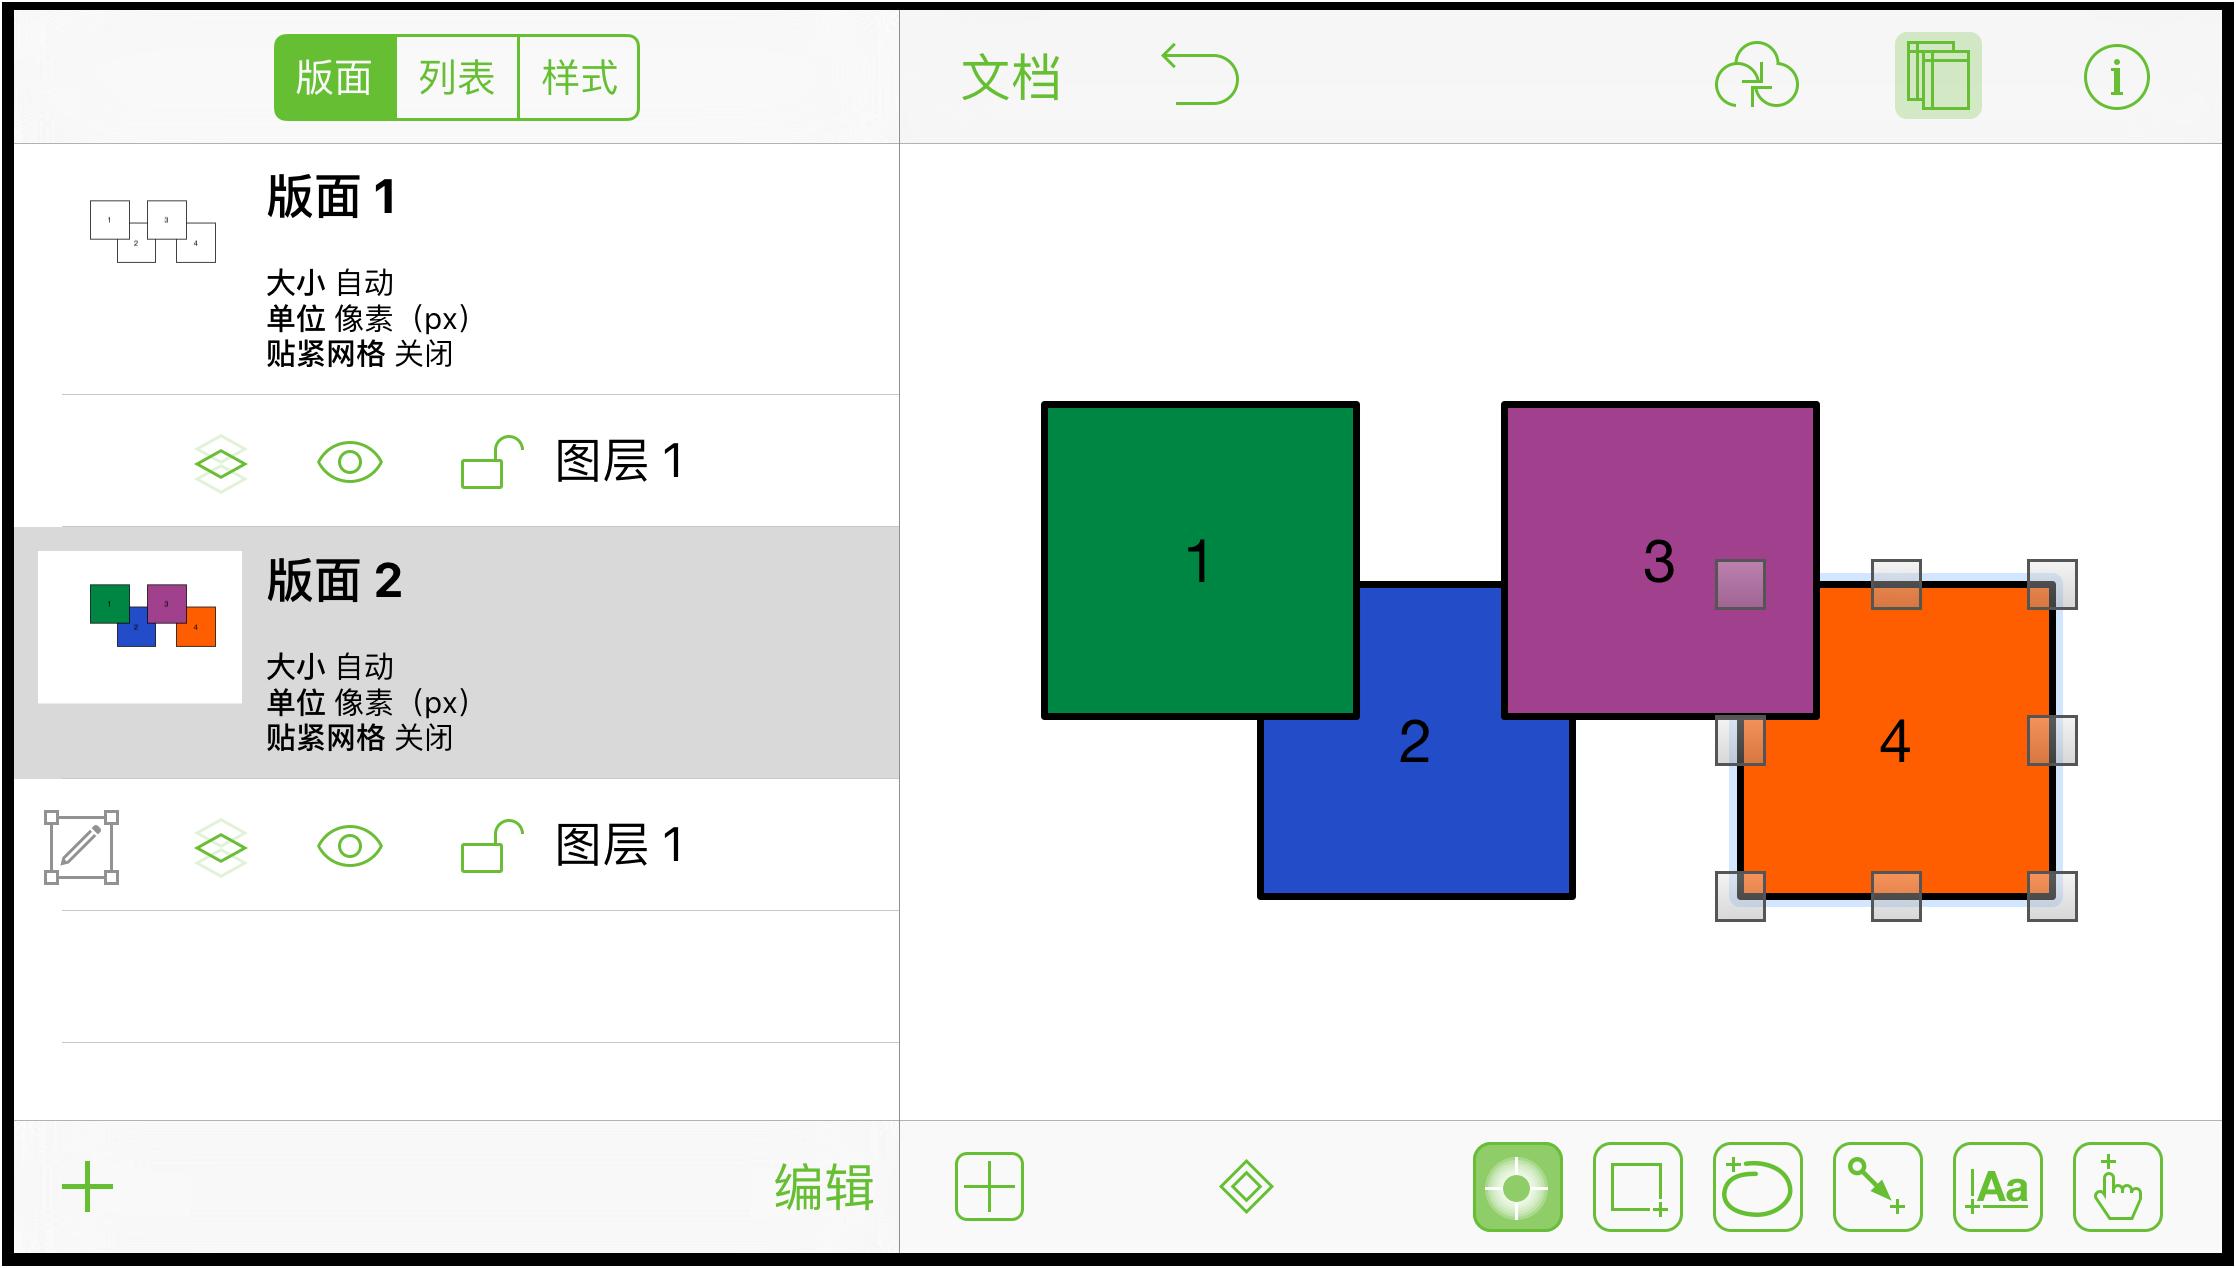 版面 2 上四个已经上色的方块